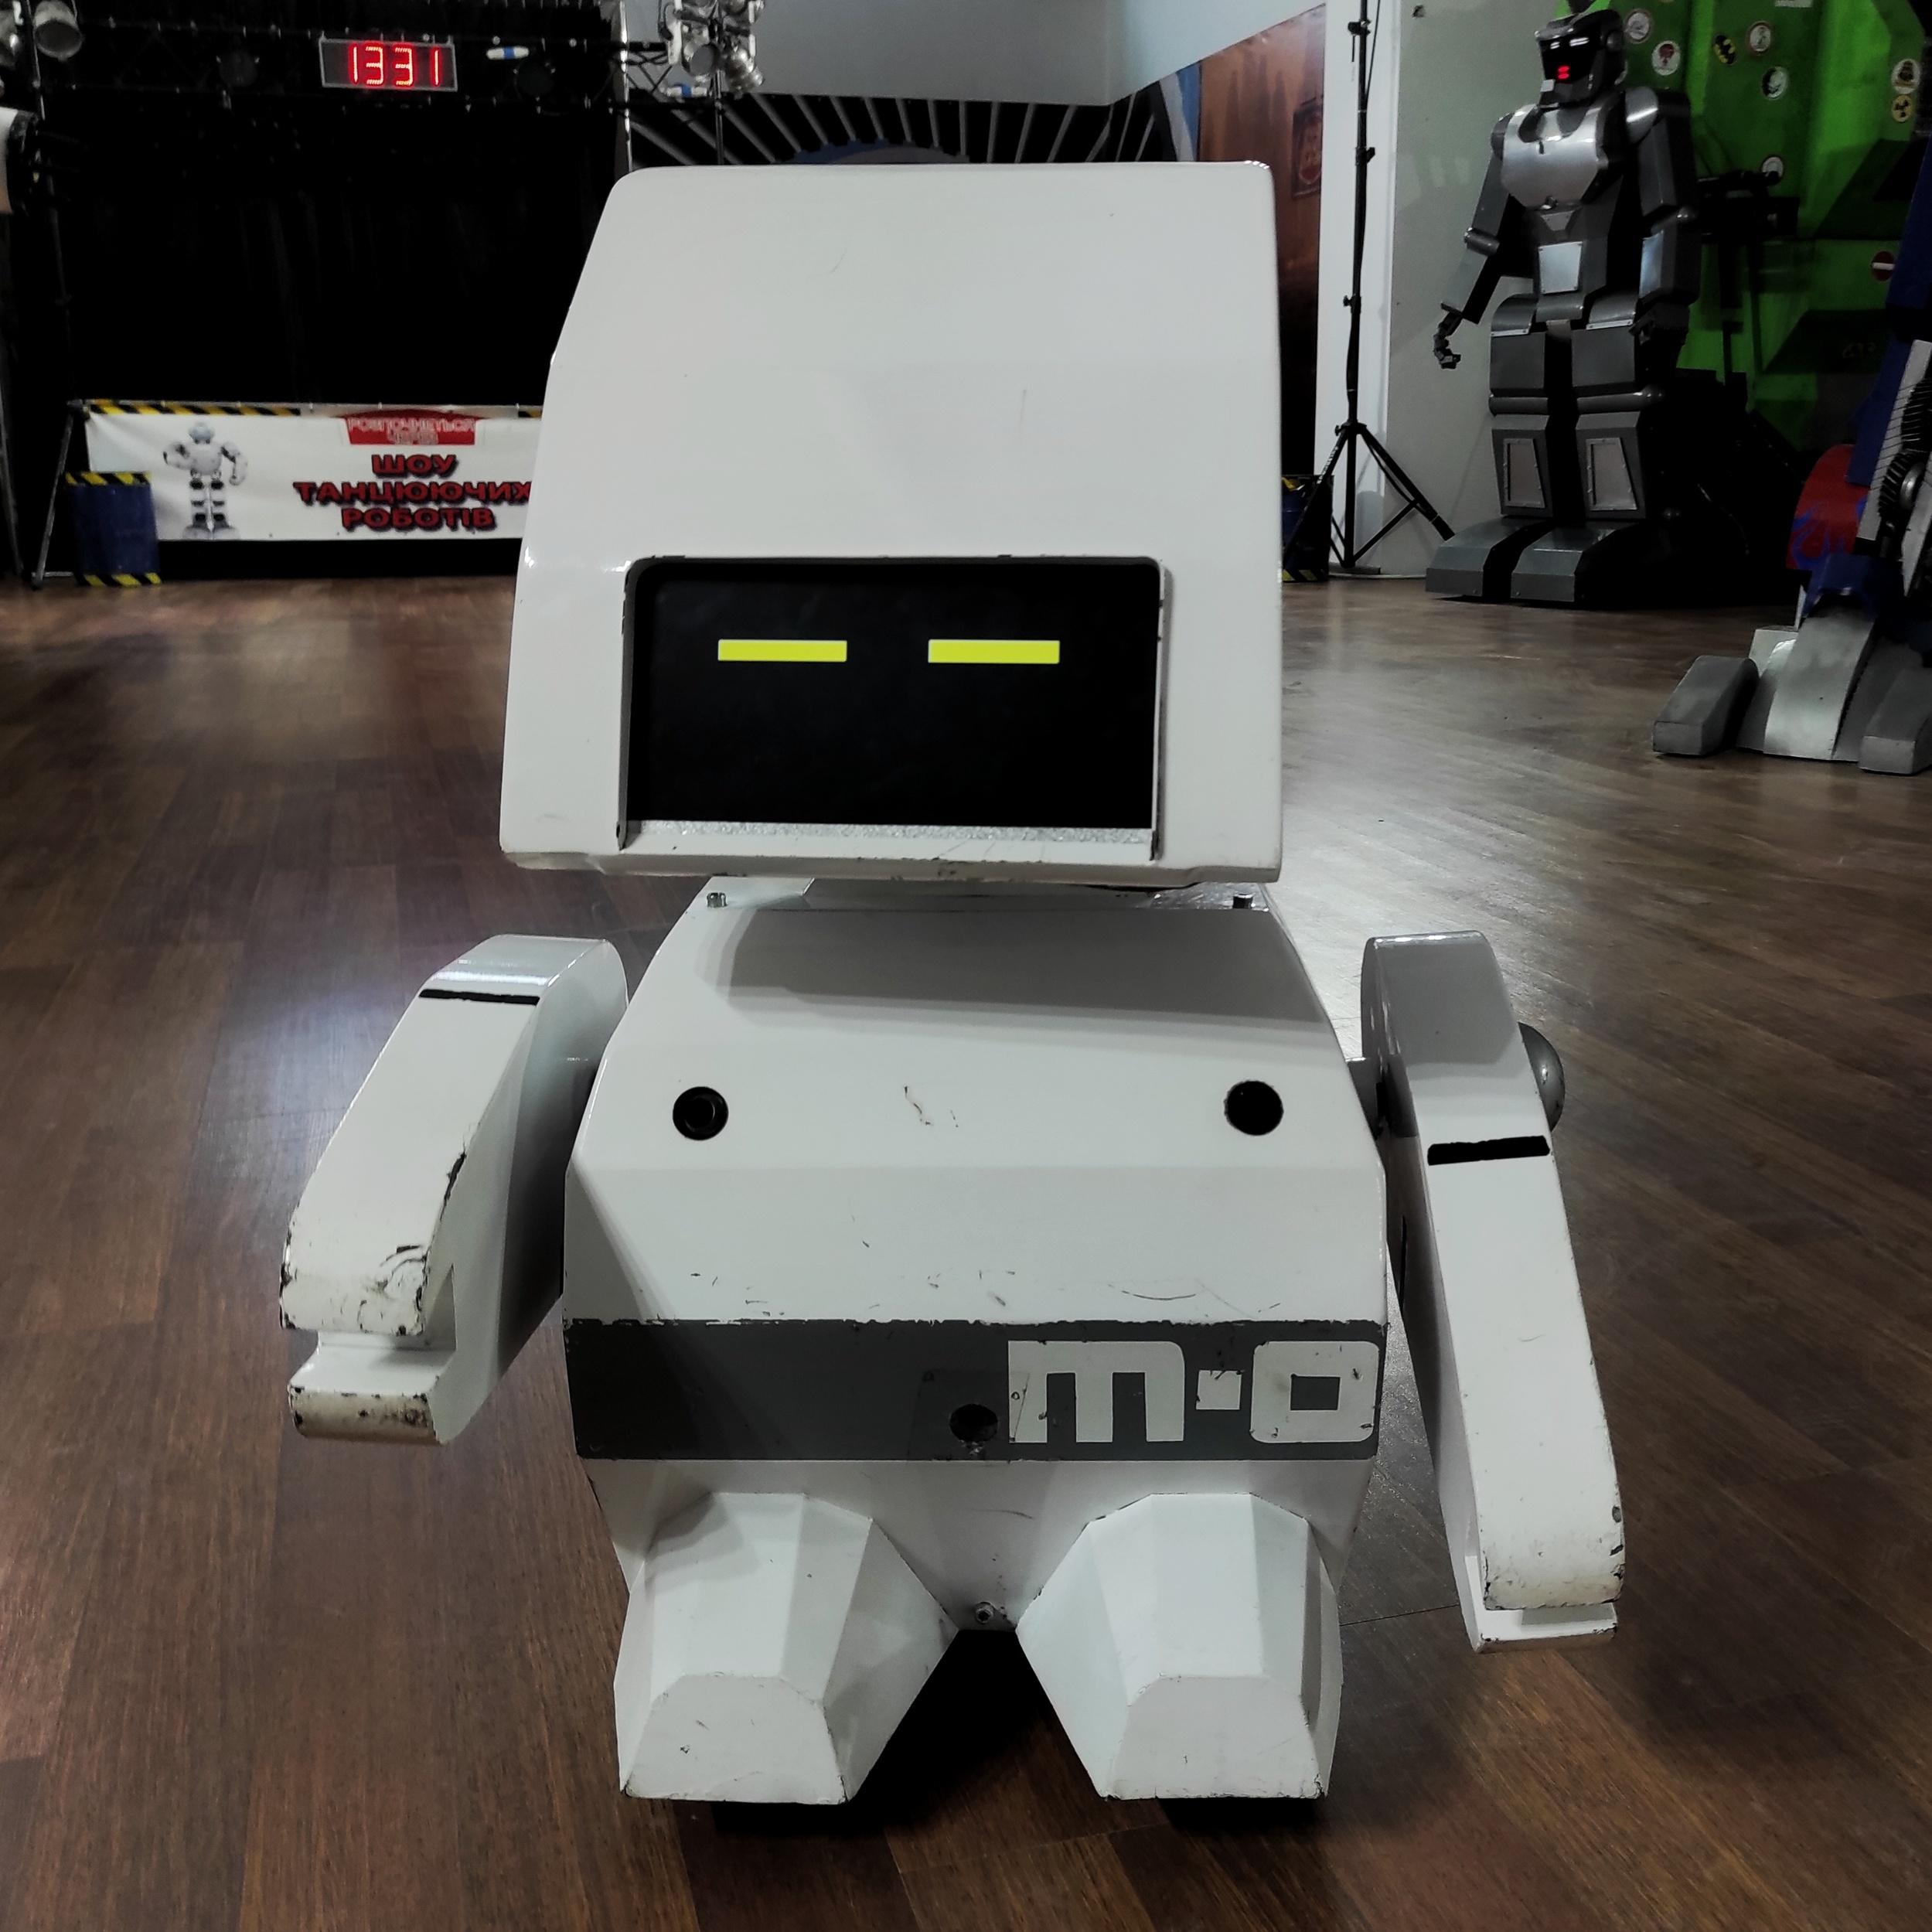 Унікальна виставка роботів та трансформерів проходить у Черкасах